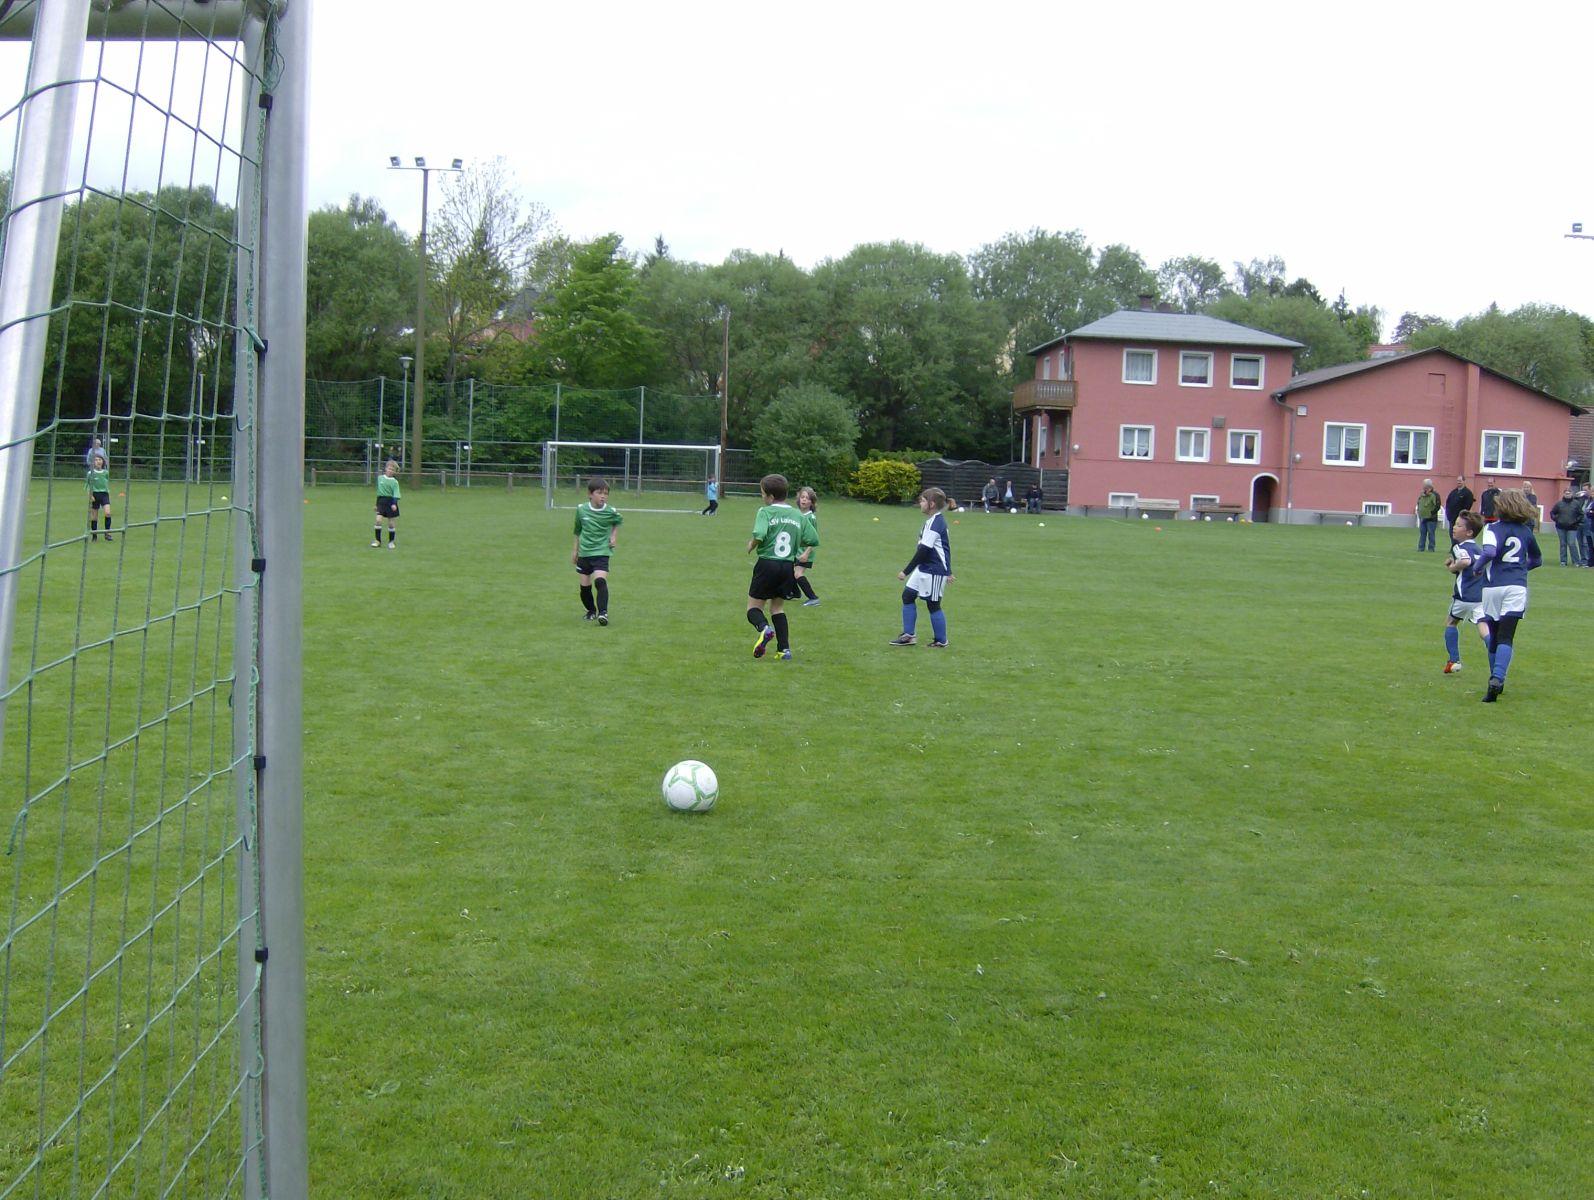 Die Fussball-Jugend des ASV Laineck - Jugendfussball in Bayreuth